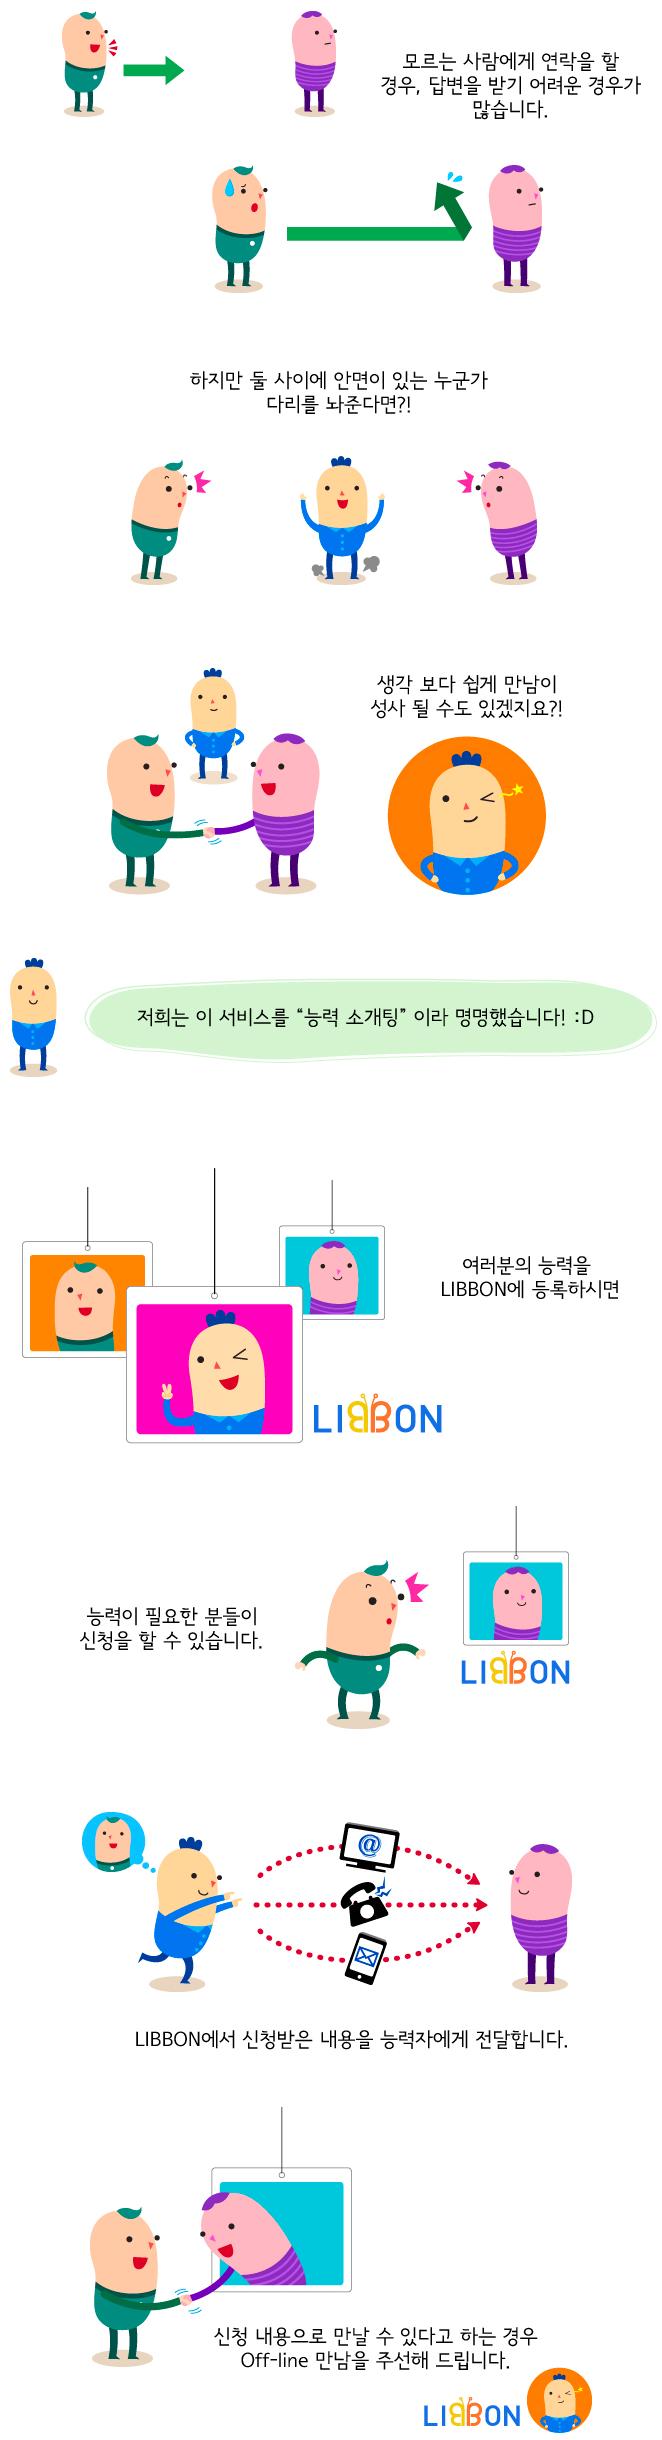 '능력자들 모두 모이세요!' 소셜능력허브 리본(LIBBON), '능력소개팅' 개시 - 'Startup's Story Platform'